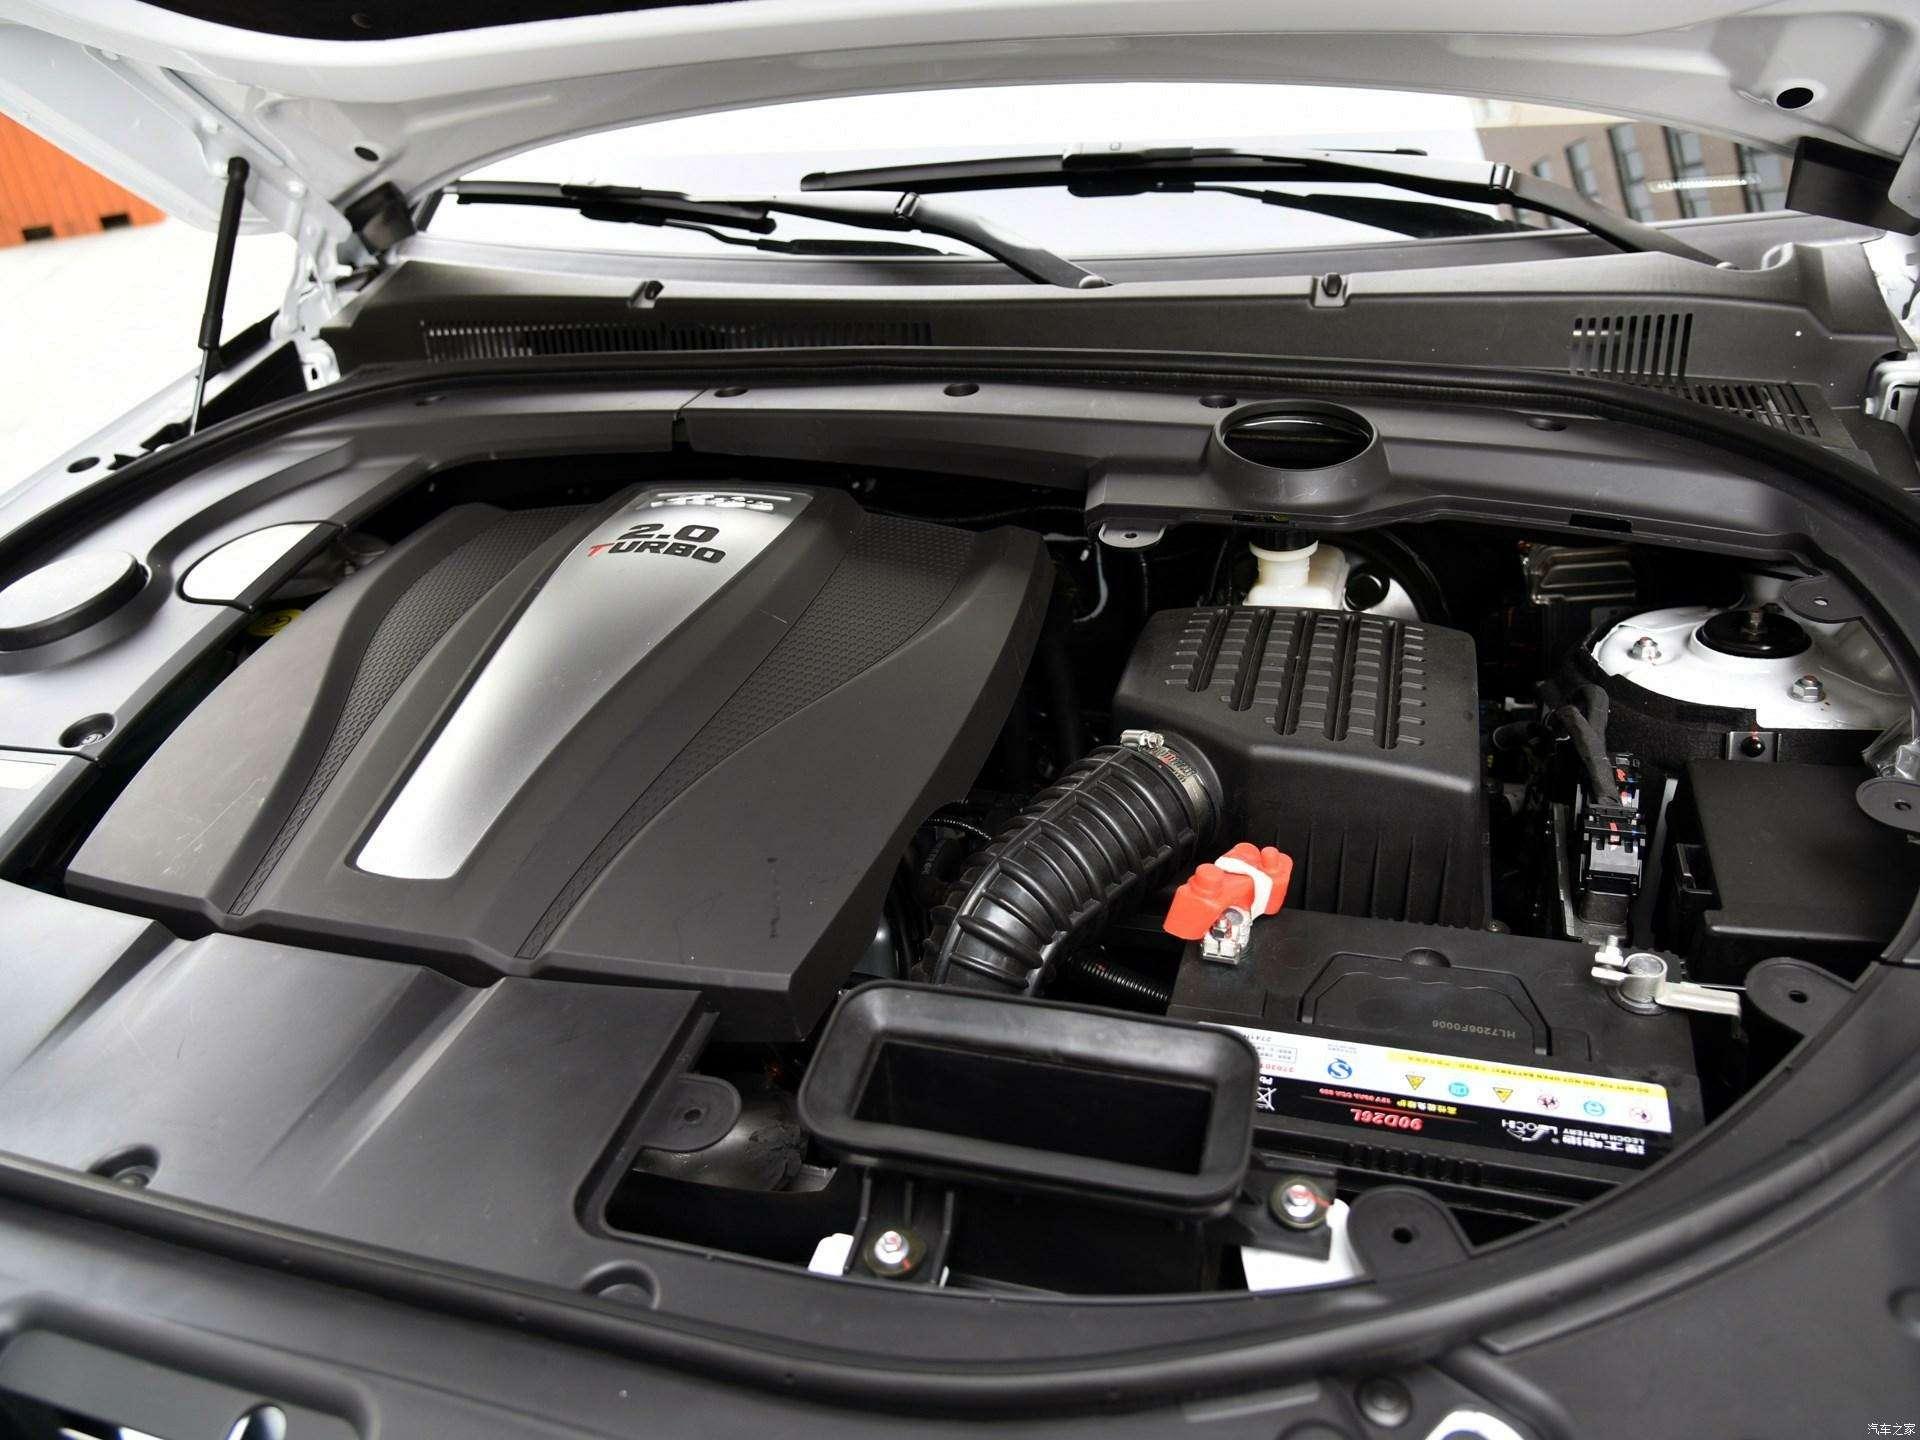 Jaguar иLand Rover водном флаконе: стартовало производство кроссовера Zotye T700— фото 727971